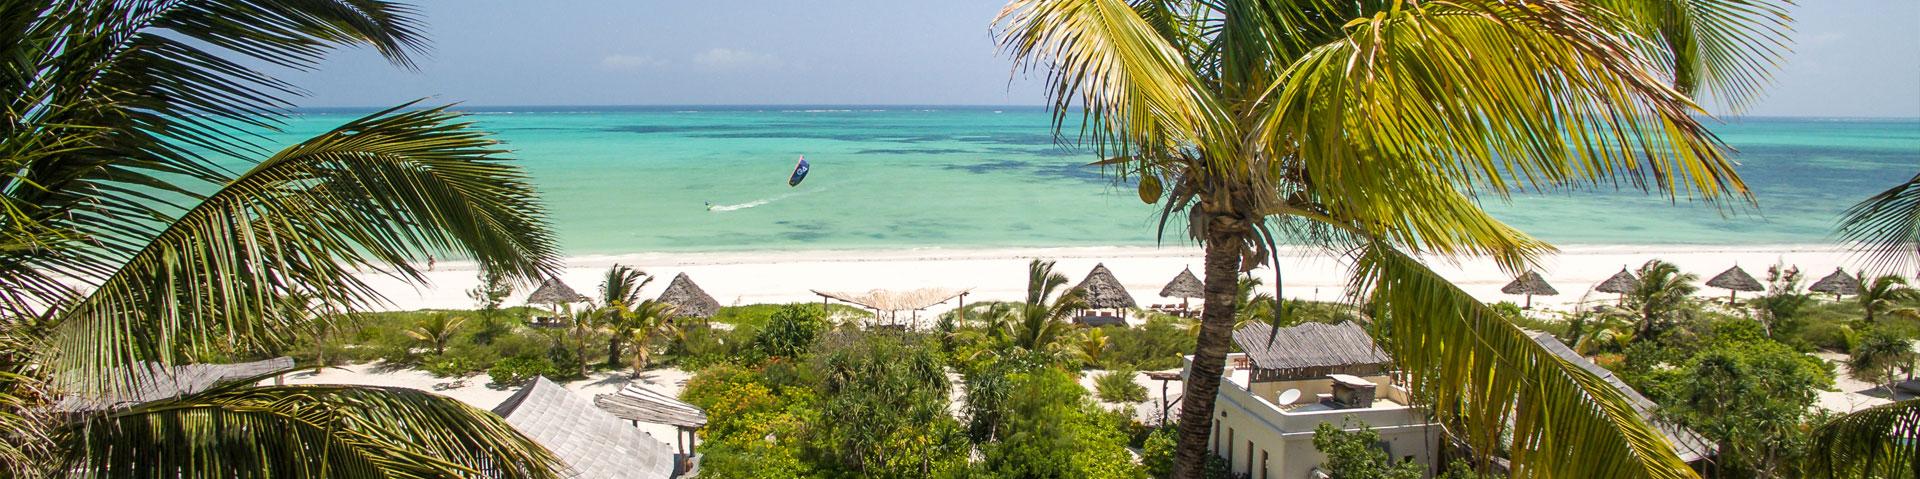 Zanzibar Whitesands